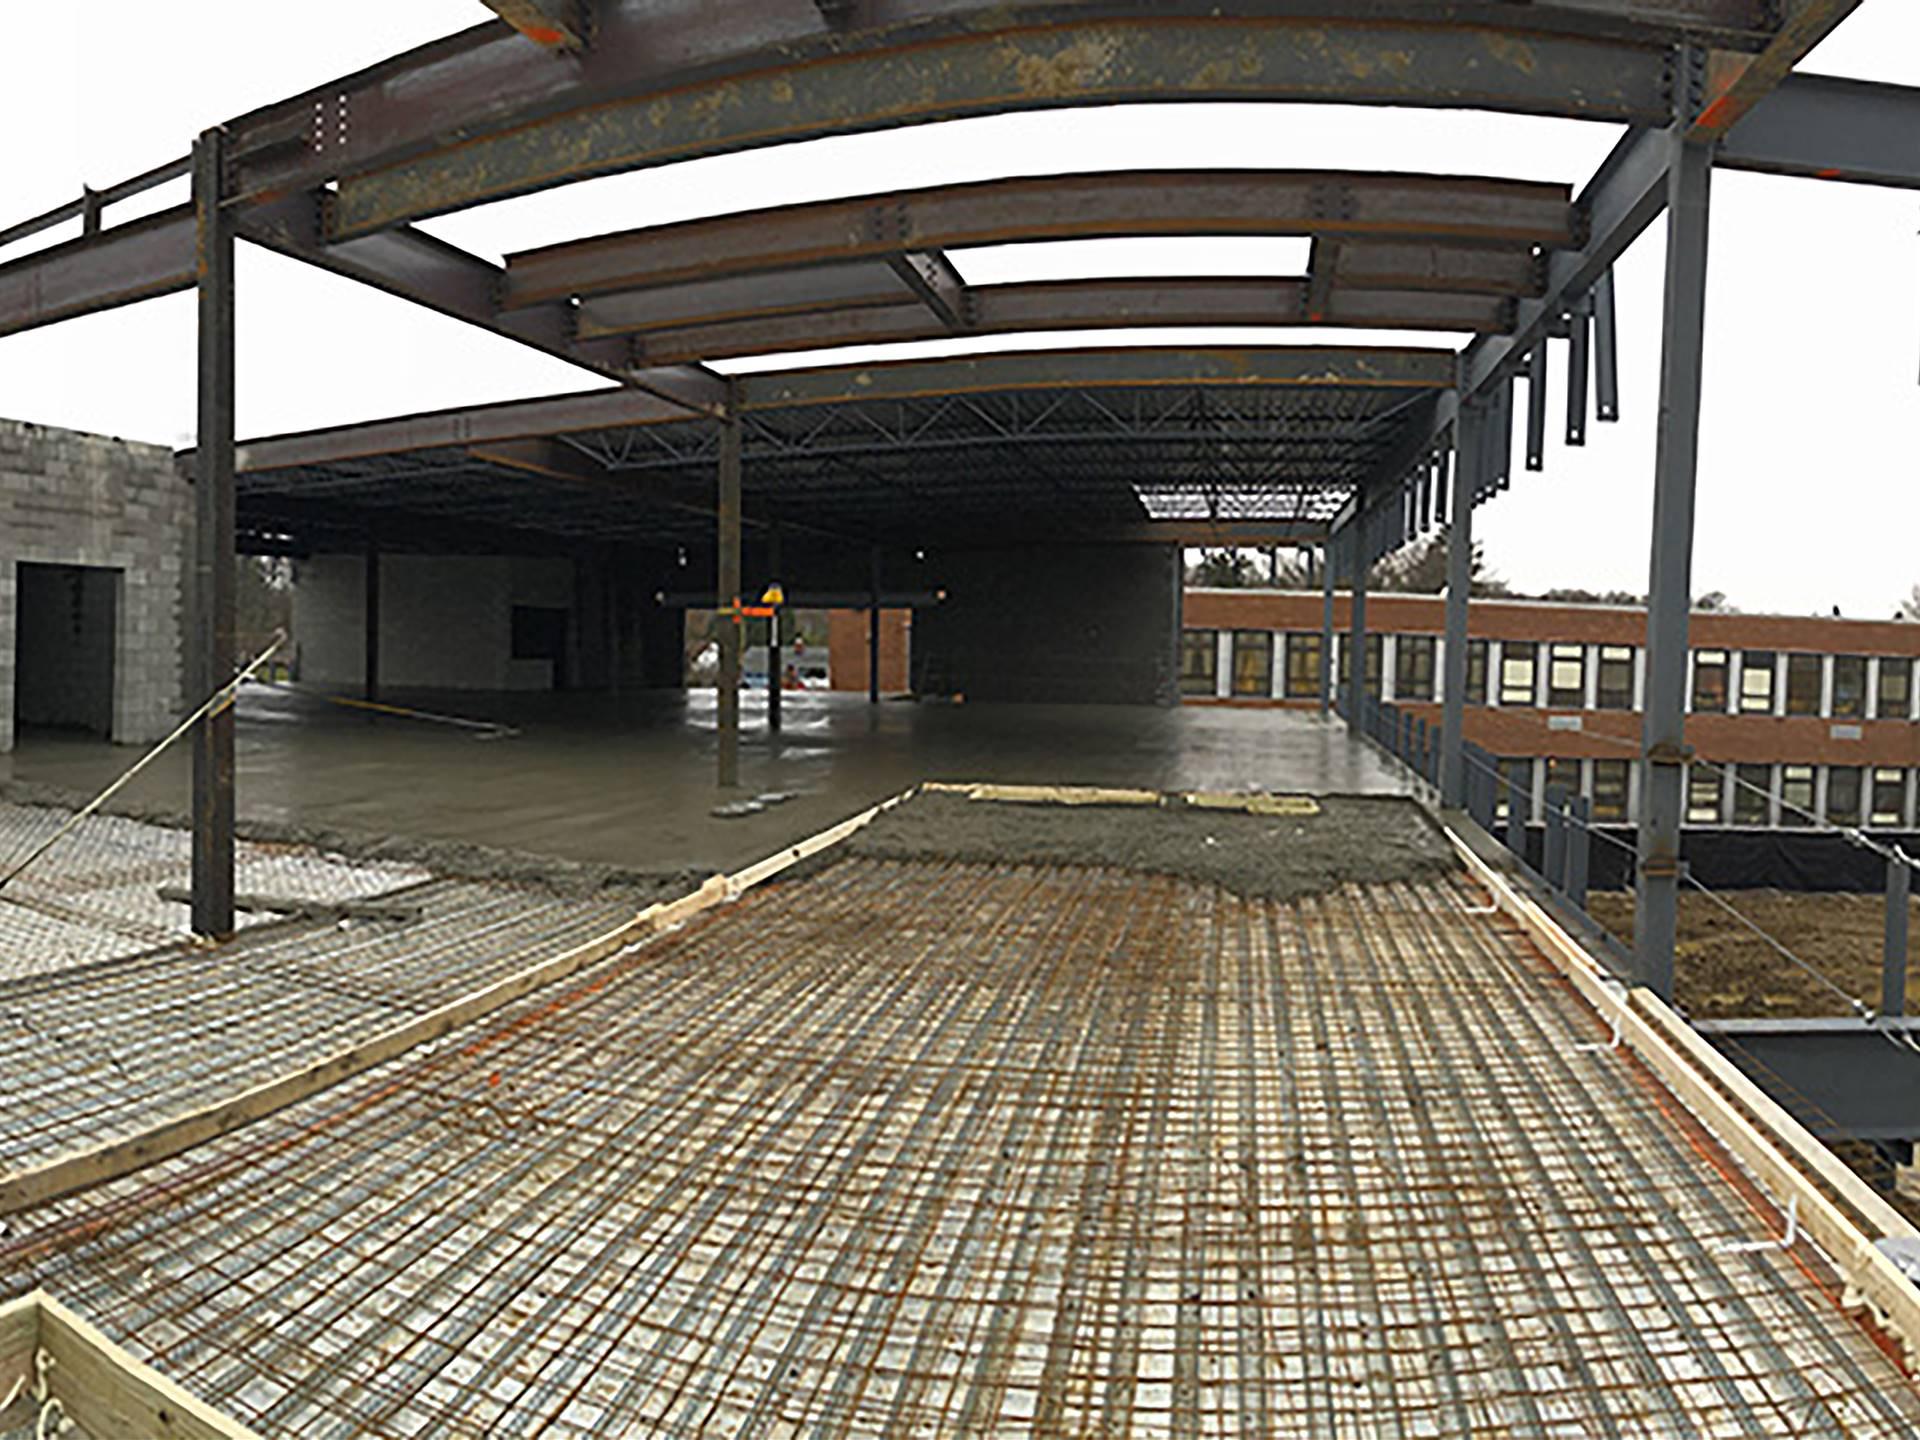 Concrete decking at Wickliffe